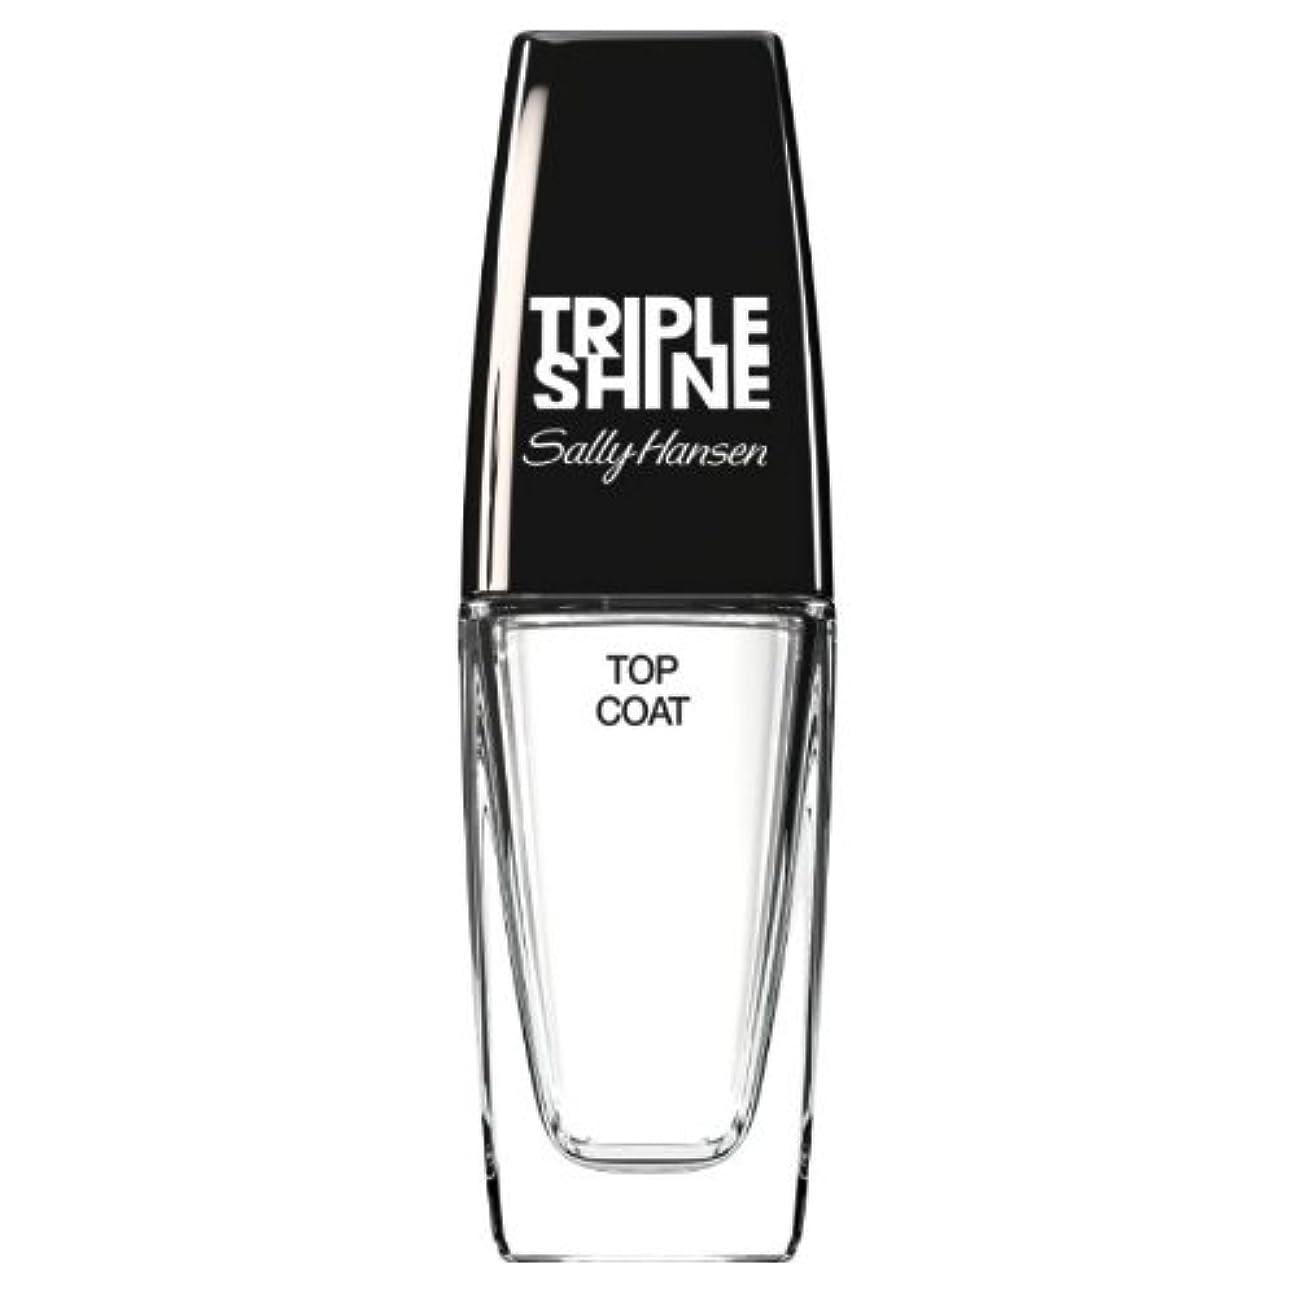 勝利したひどい解釈する(3 Pack) SALLY HANSEN Triple Shine Top Coat - Triple Shine Top Coat (並行輸入品)